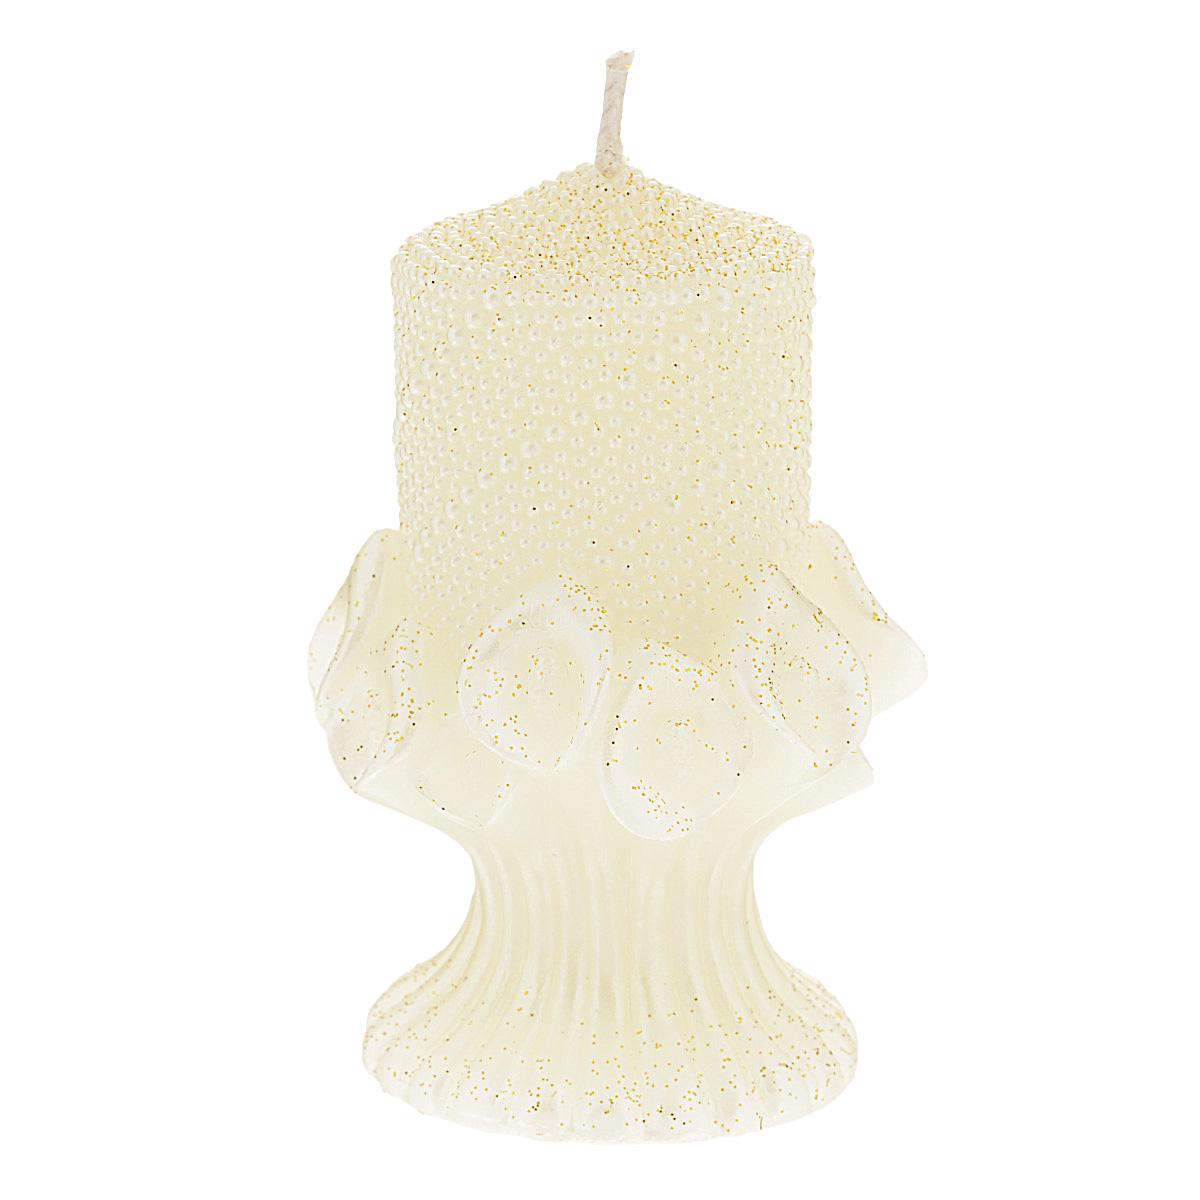 Свеча декоративная Win Max Каллы, цвет: кремовый, 6 см х 6 см х 10 см свеча декоративная win max с днем рождения цвет розовый 6 х 6 х 8 см